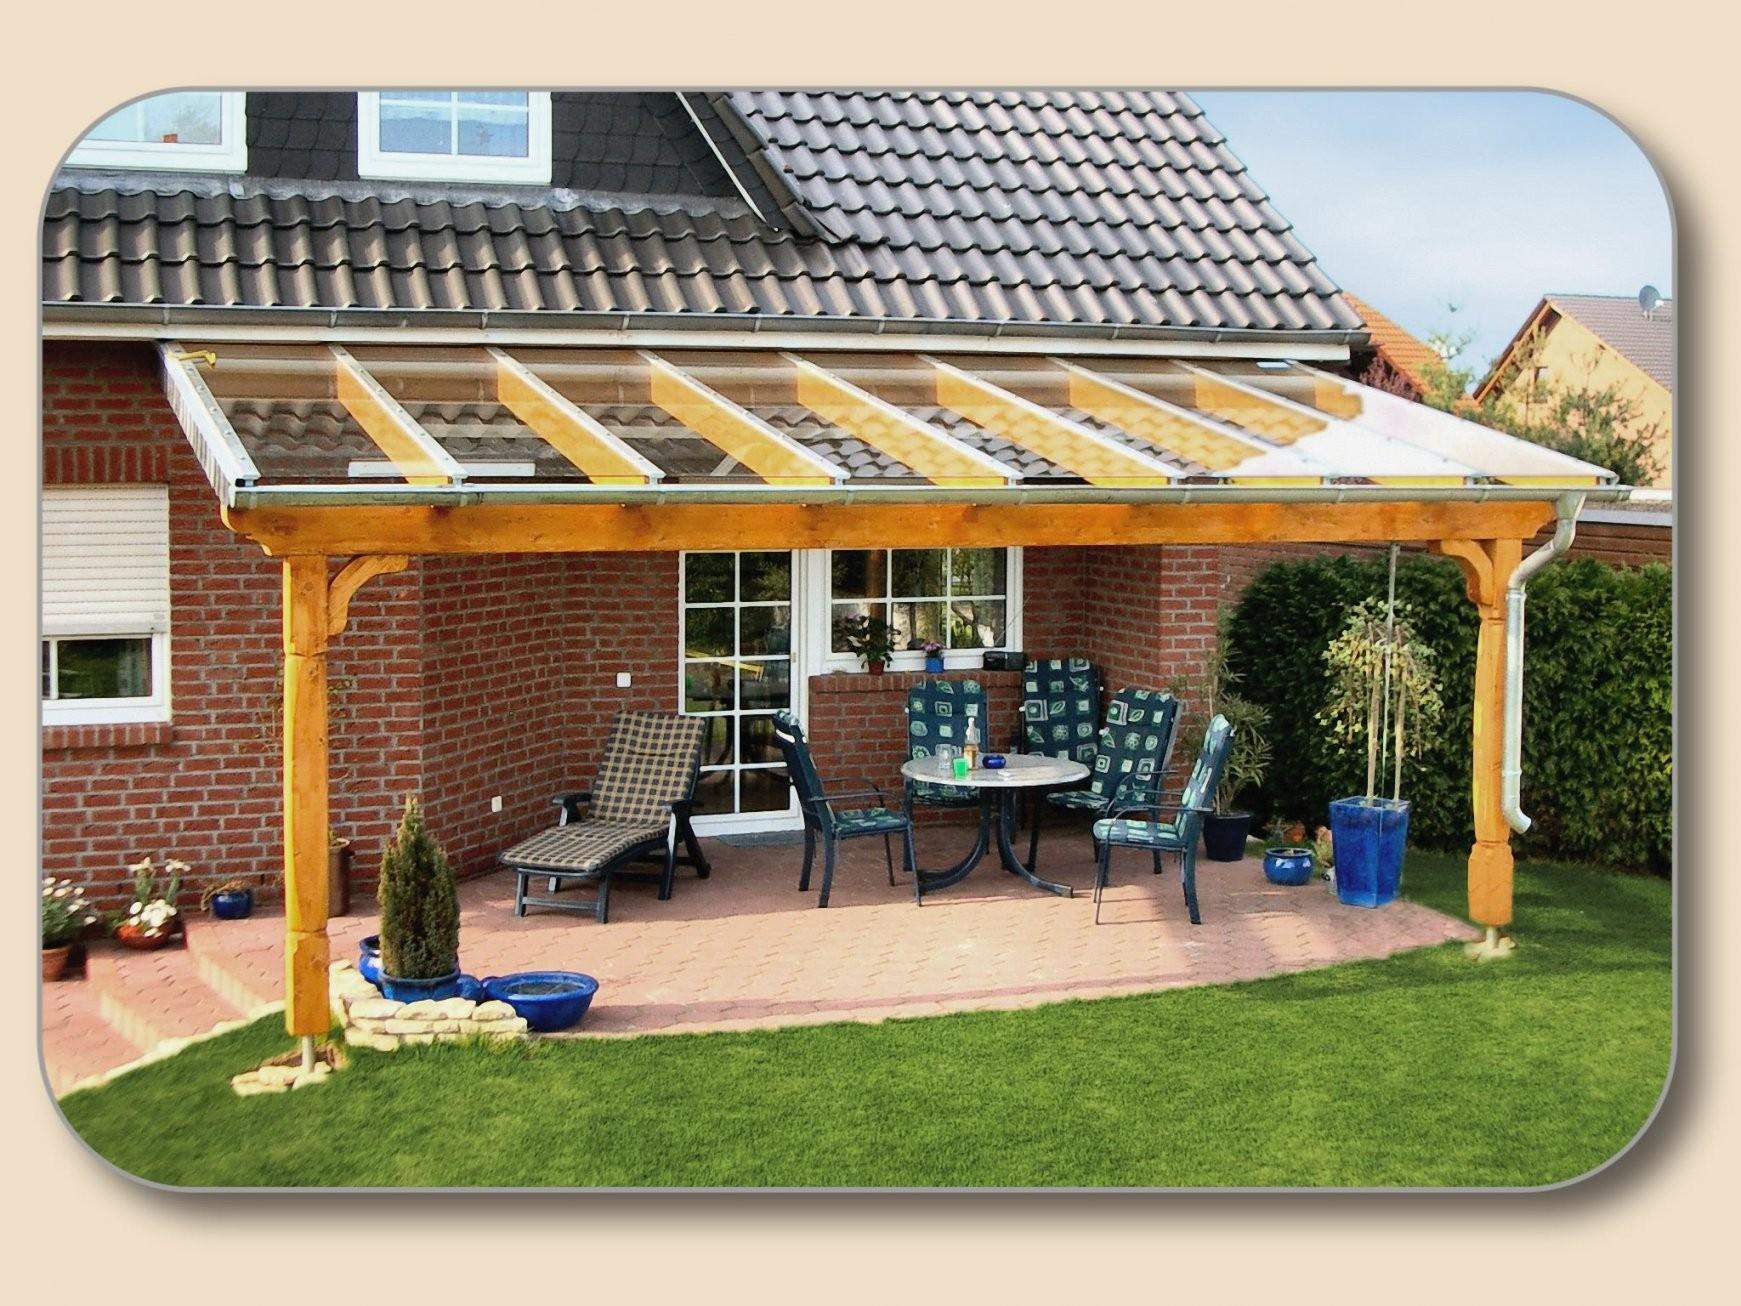 Carport Terrassenüberdachung Gartensauna Pavillon Holz Glas von Freistehende Terrassenüberdachung Selber Bauen Photo